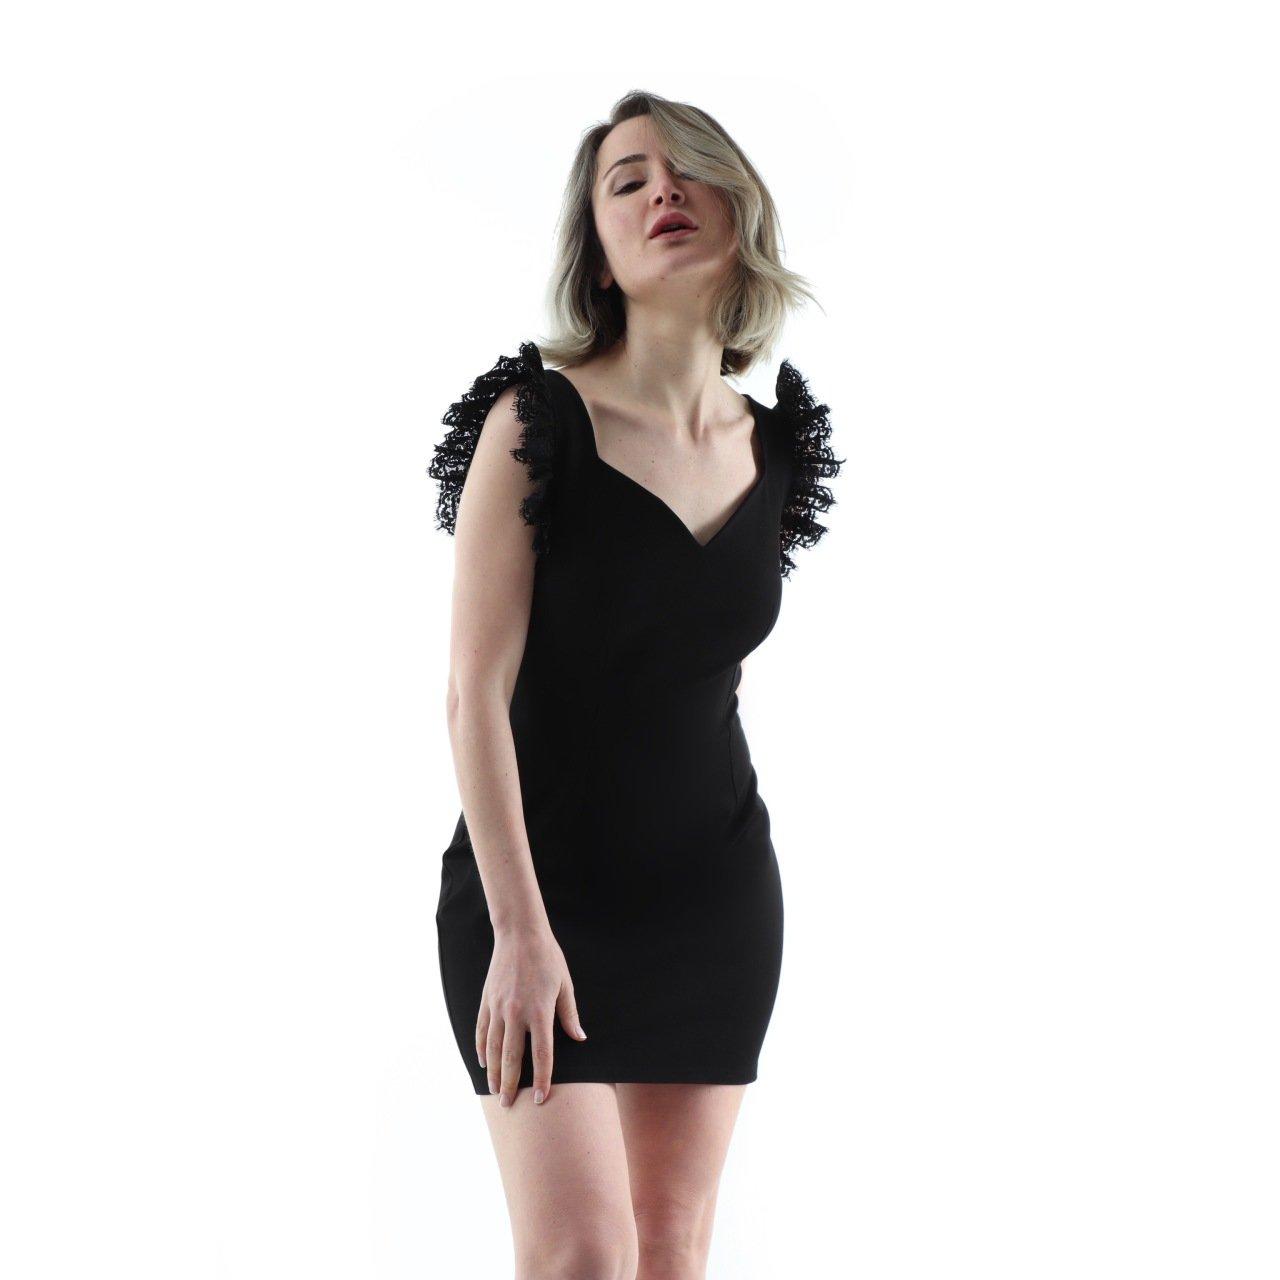 a5a1faf1972a2 Siyah Kalın Askılı Askıları Fırfırlı Kalem Elbise